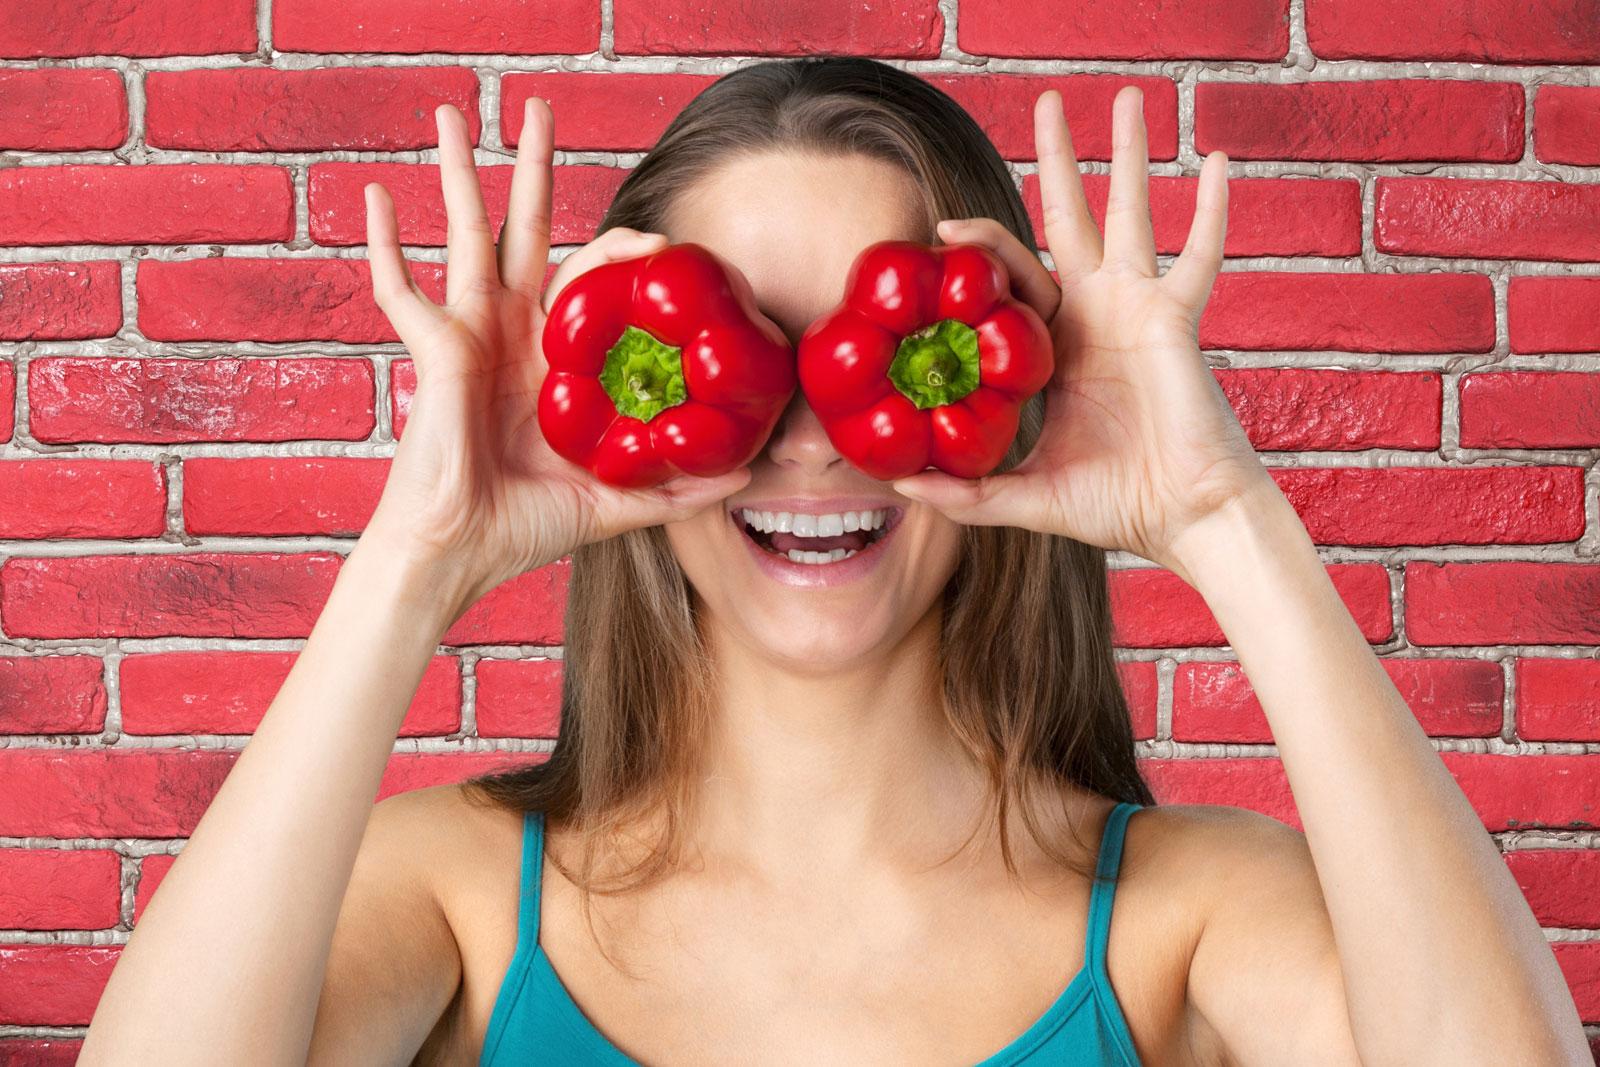 Fit durch gesunde Ernährung - worauf sollte ich achten? - echt.fit